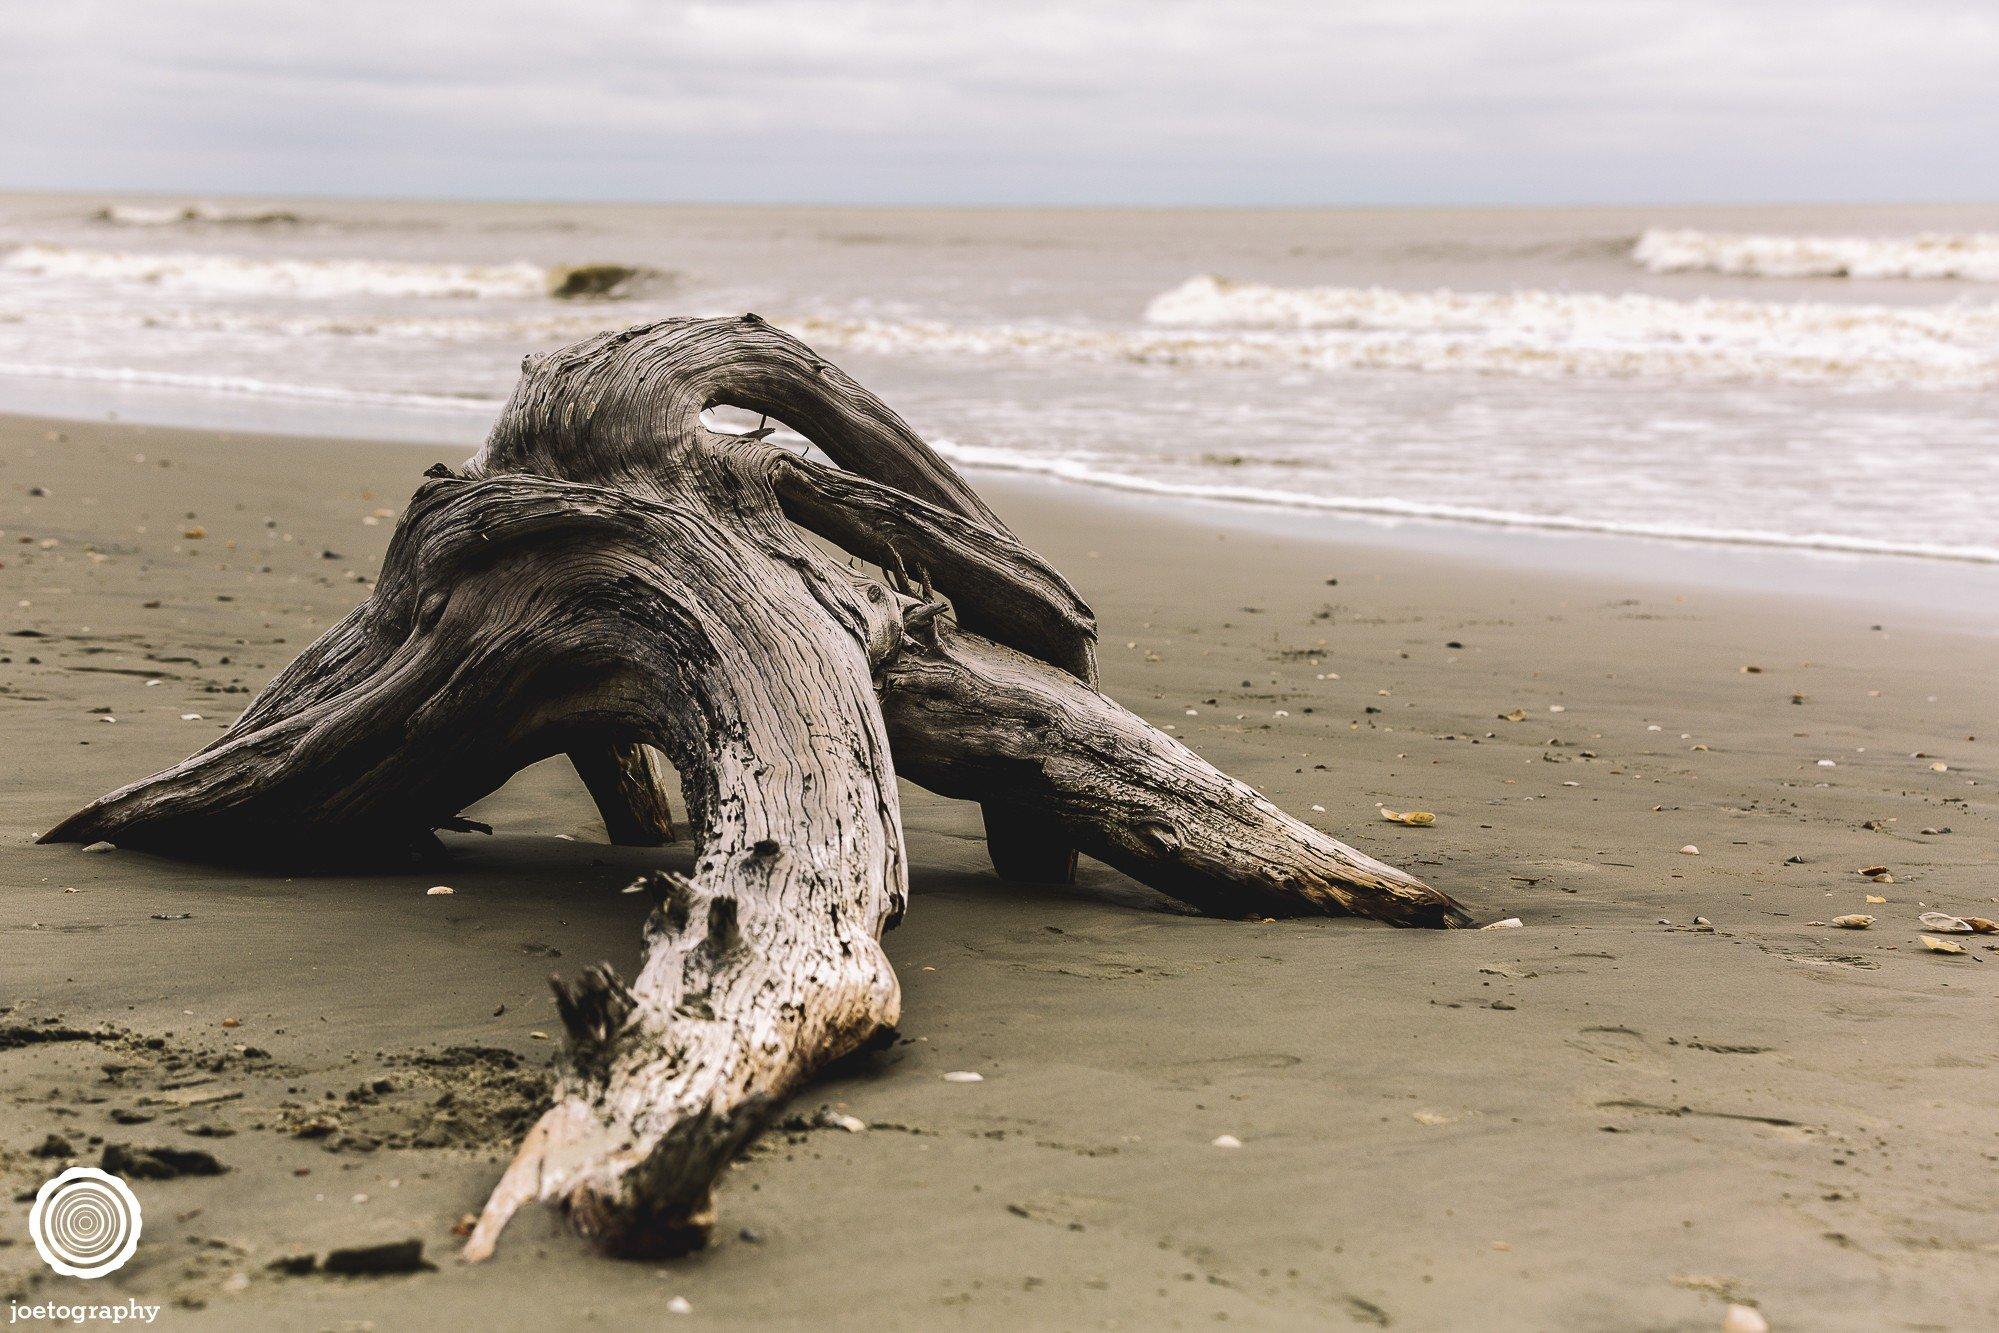 pawleys-island-south-carolina-landscape-photographer-indianapolis-12